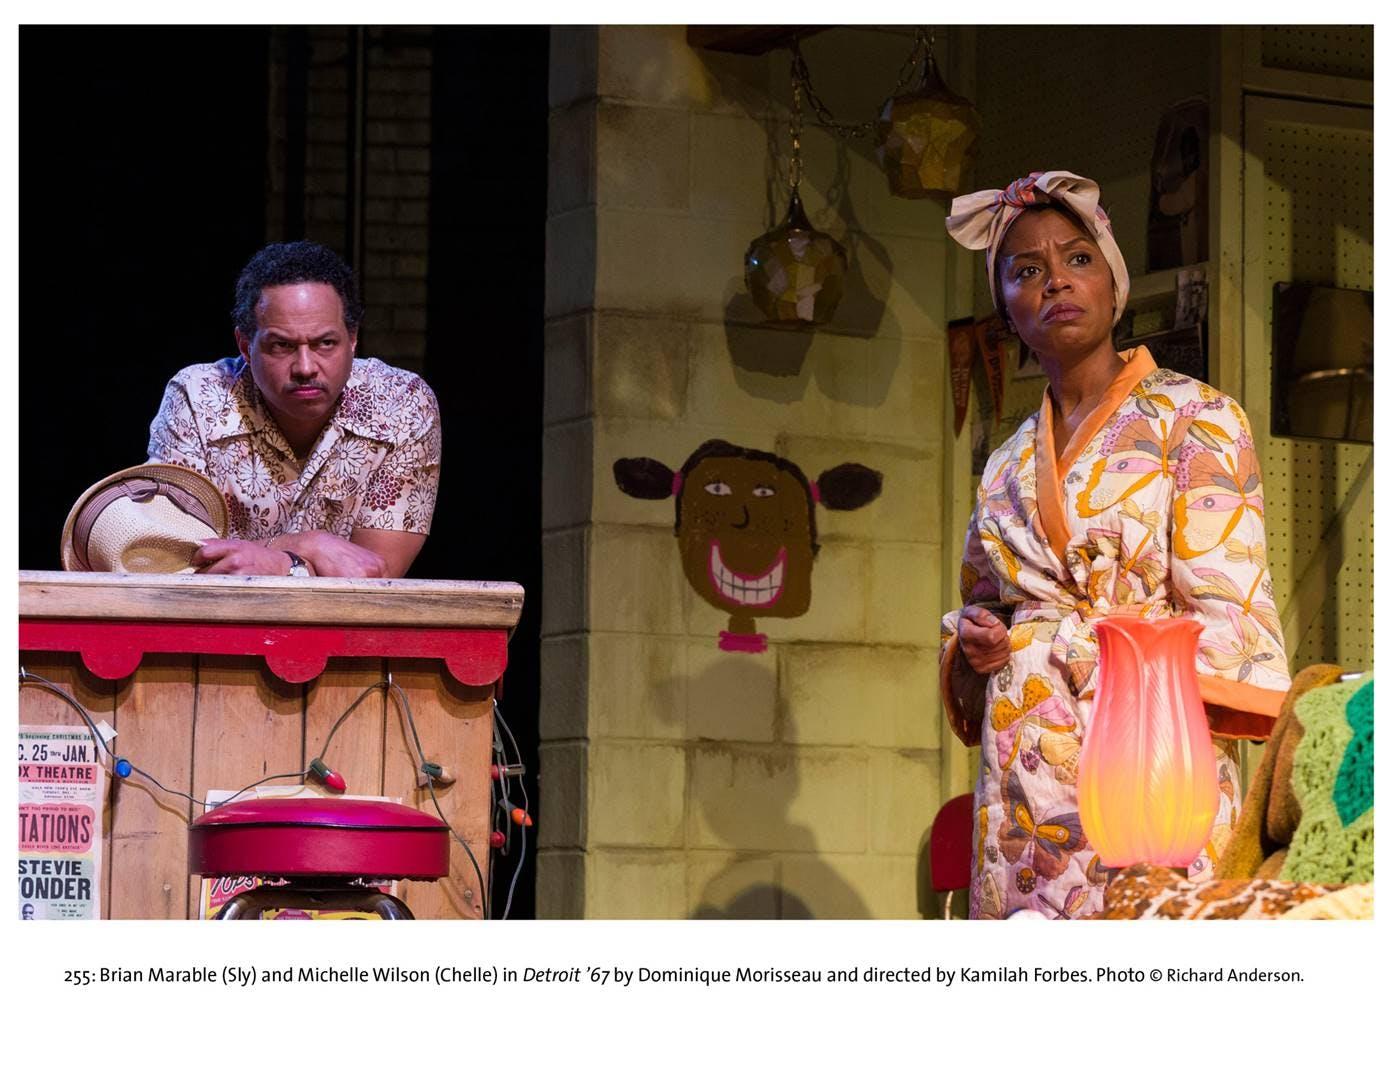 <p><em>Detroit Public Theatre.</em></p>